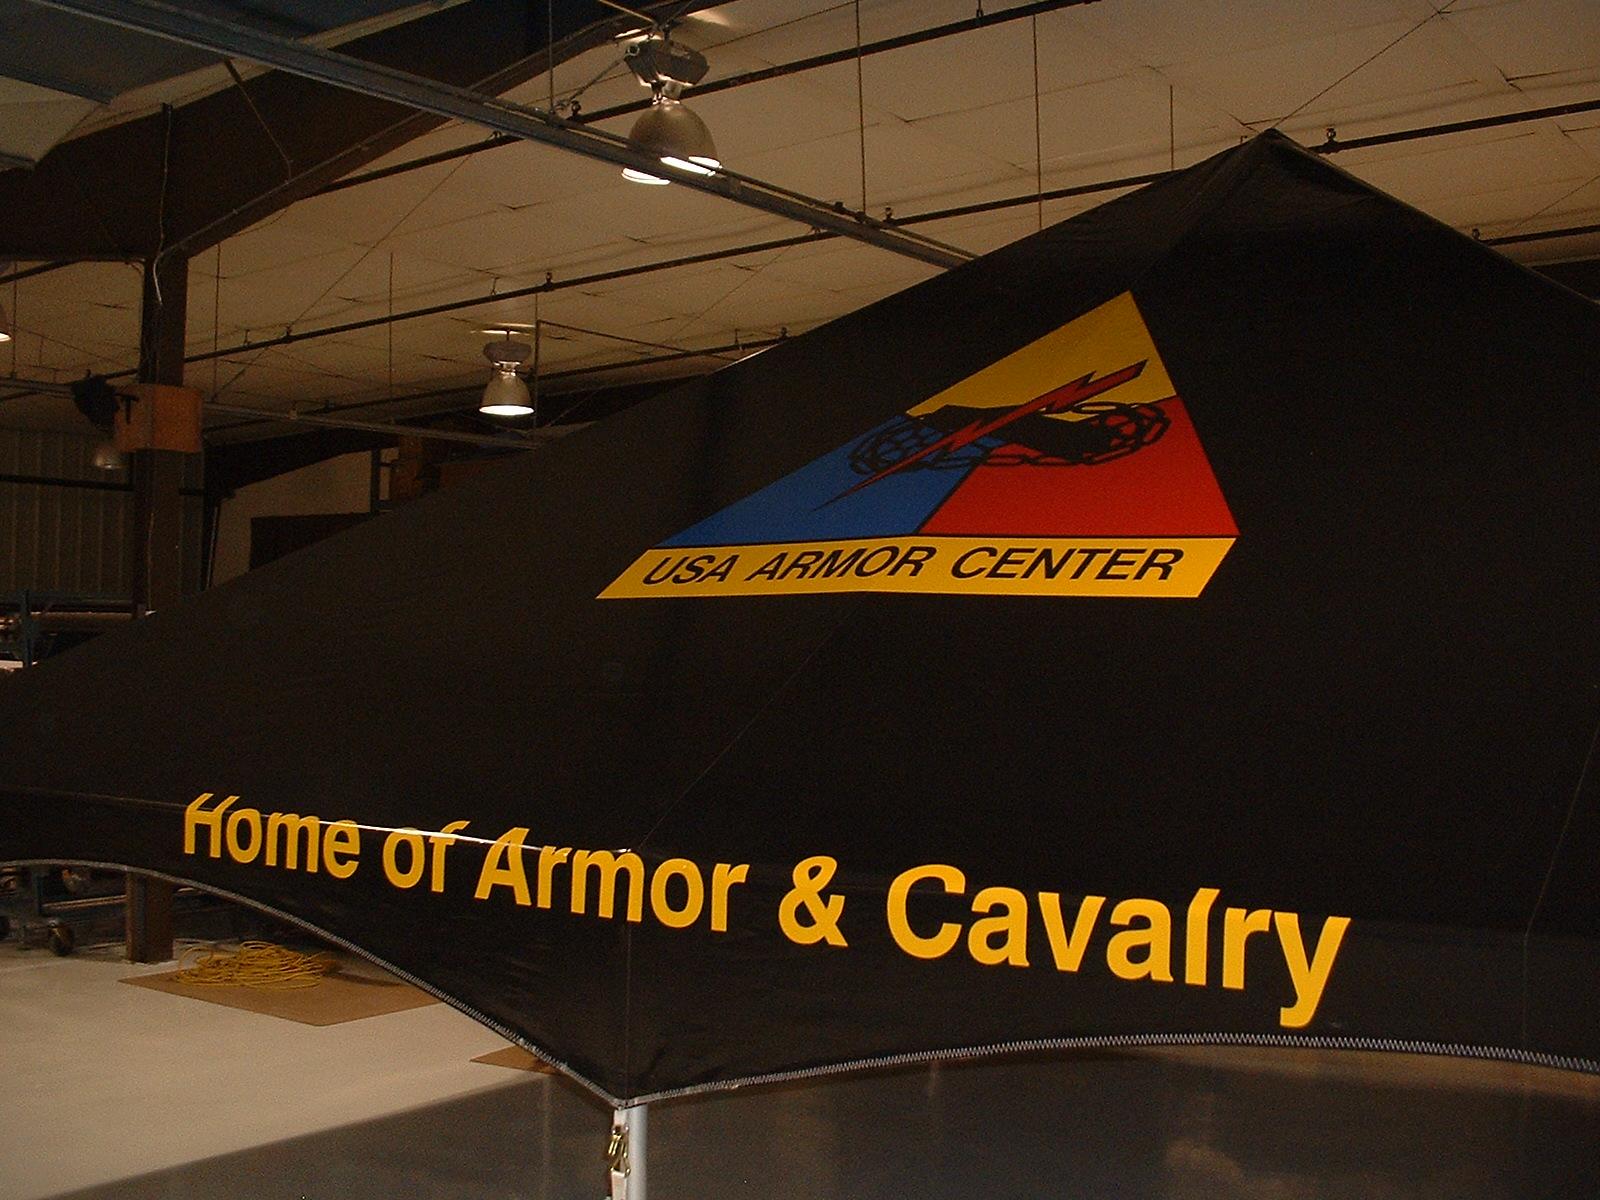 Military Tent, GSA, USA Armor Center, Home of Amor & Cavalry